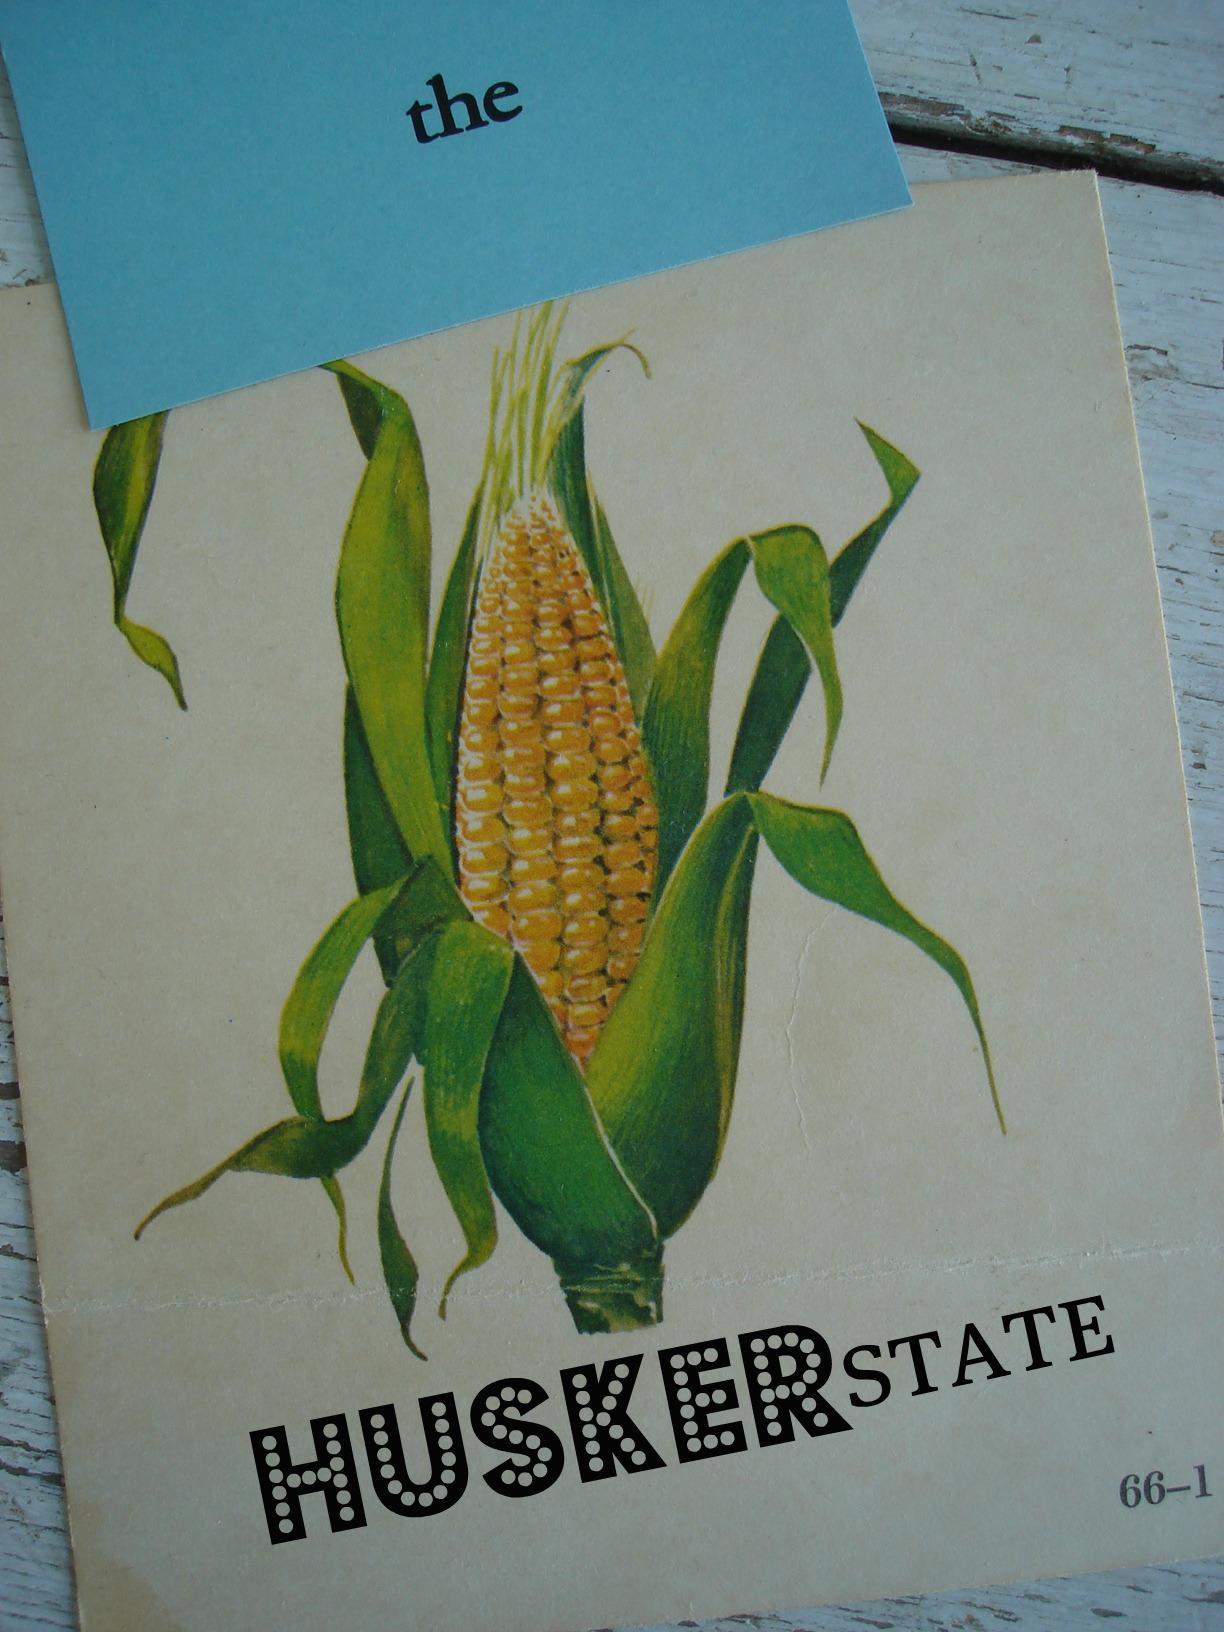 the cornhusker state